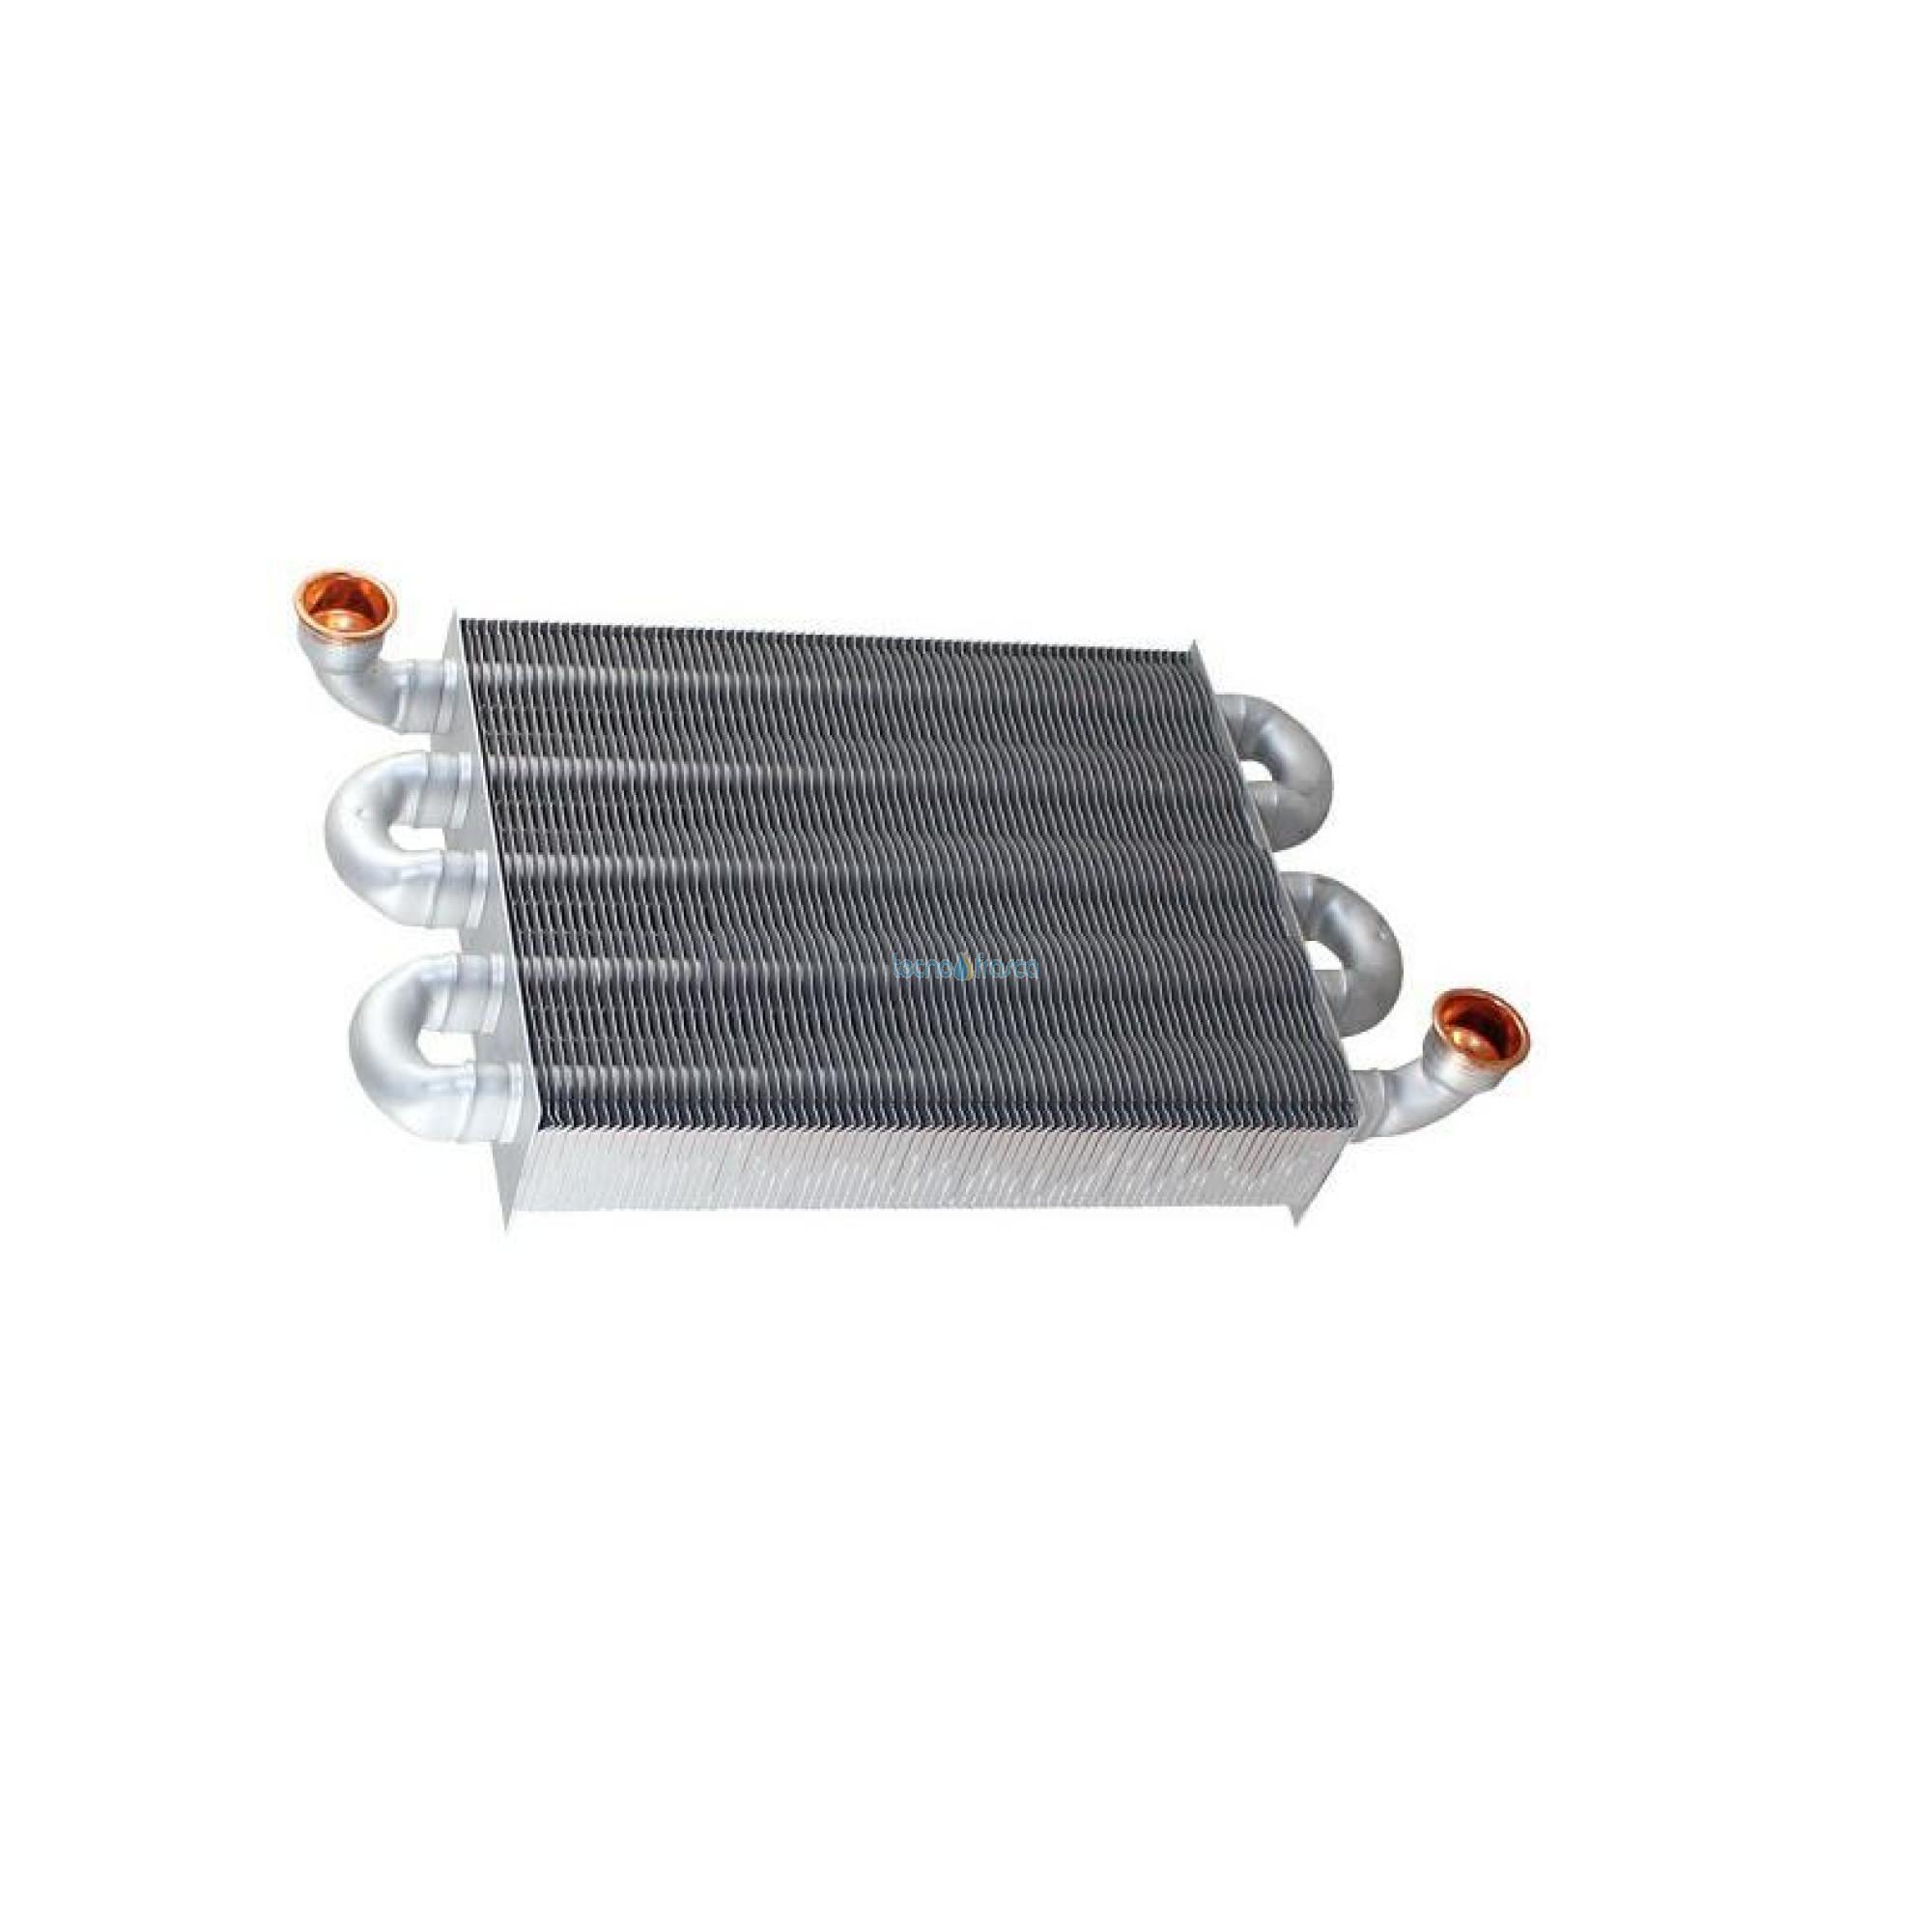 Ferroli scambiatore monotermico divacondens f24-f28 e 39820420